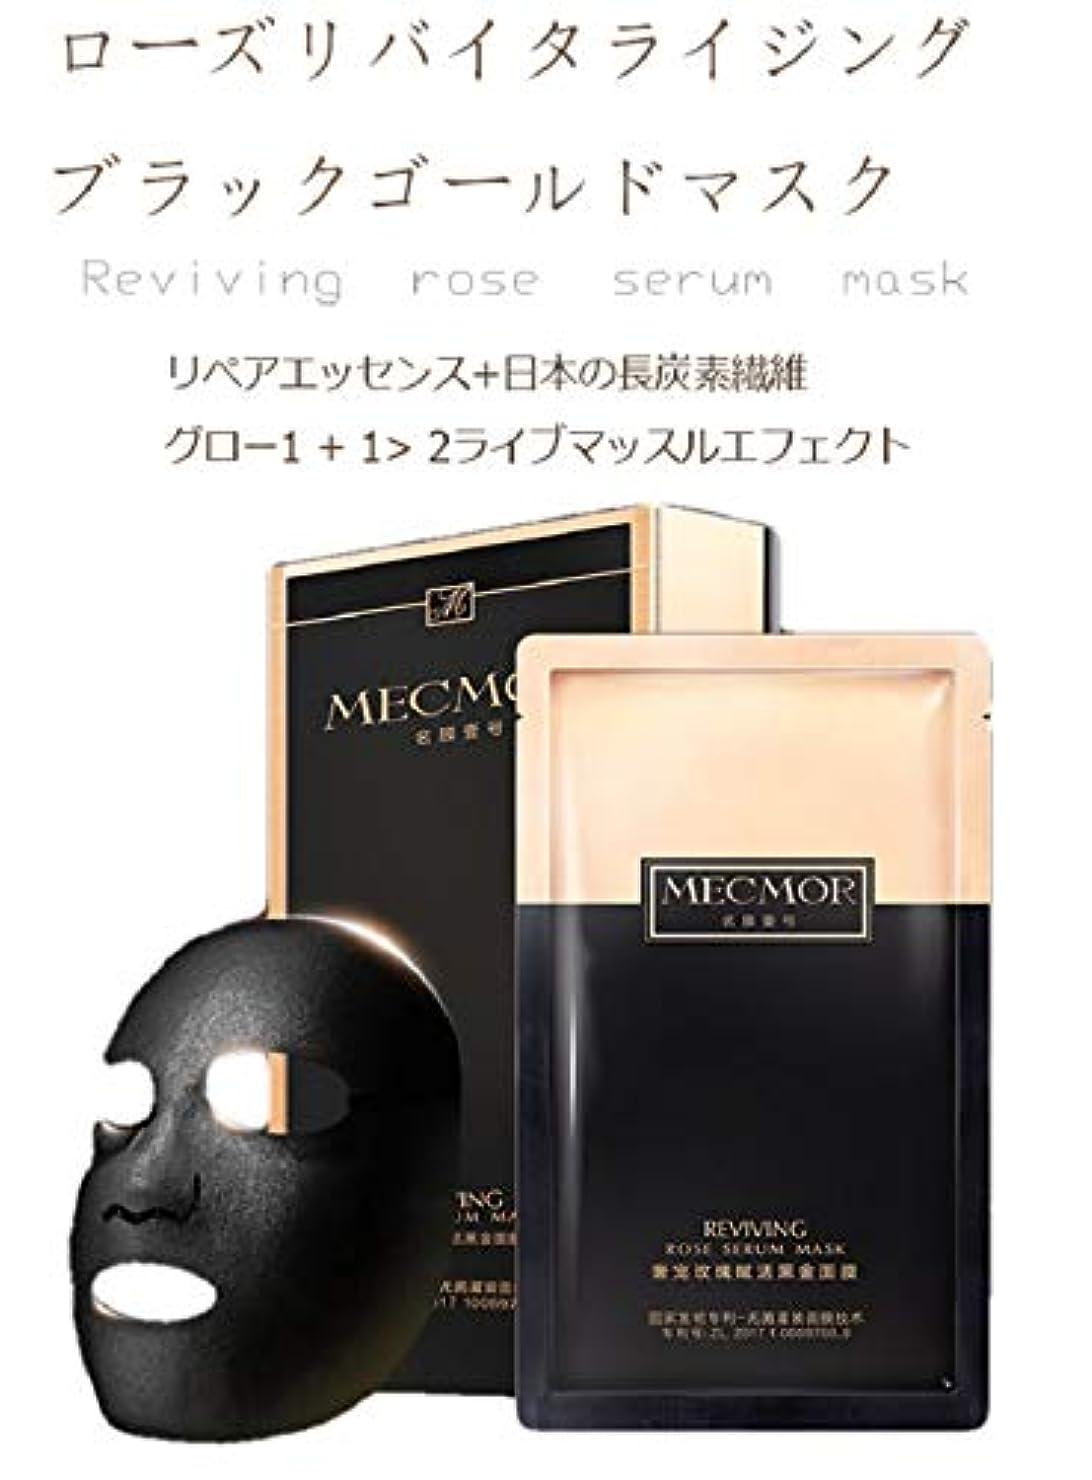 土良心的マニアMECMORローズブラックゴールドマスク おすすめ無添加エッセンスマスク 肌荒れマスキングアンチエイジング